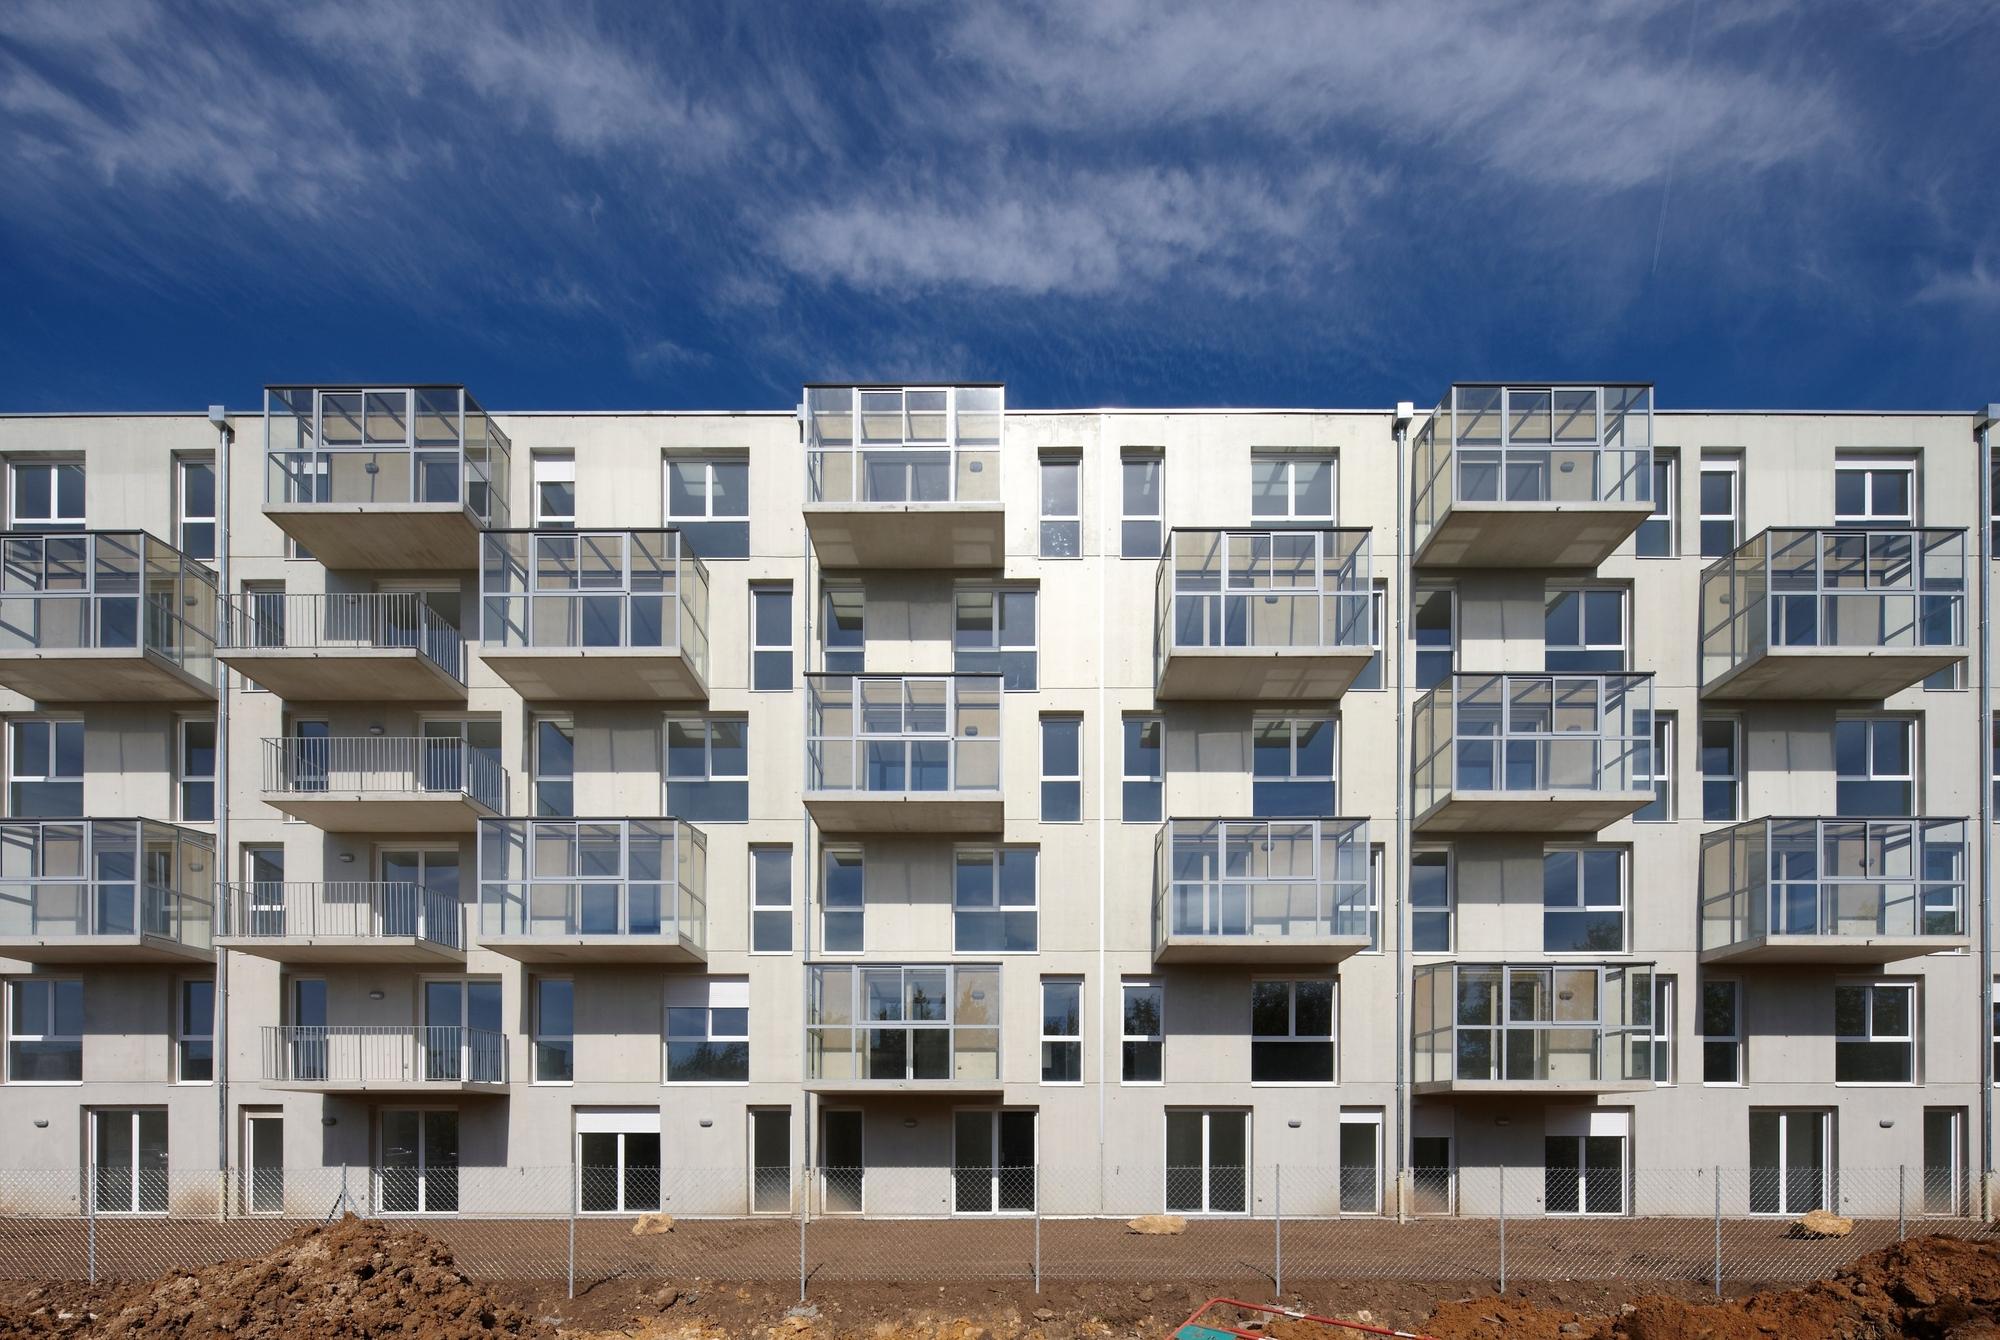 Habitação em Nancy / ANMA, © Stéphane Chalmeau